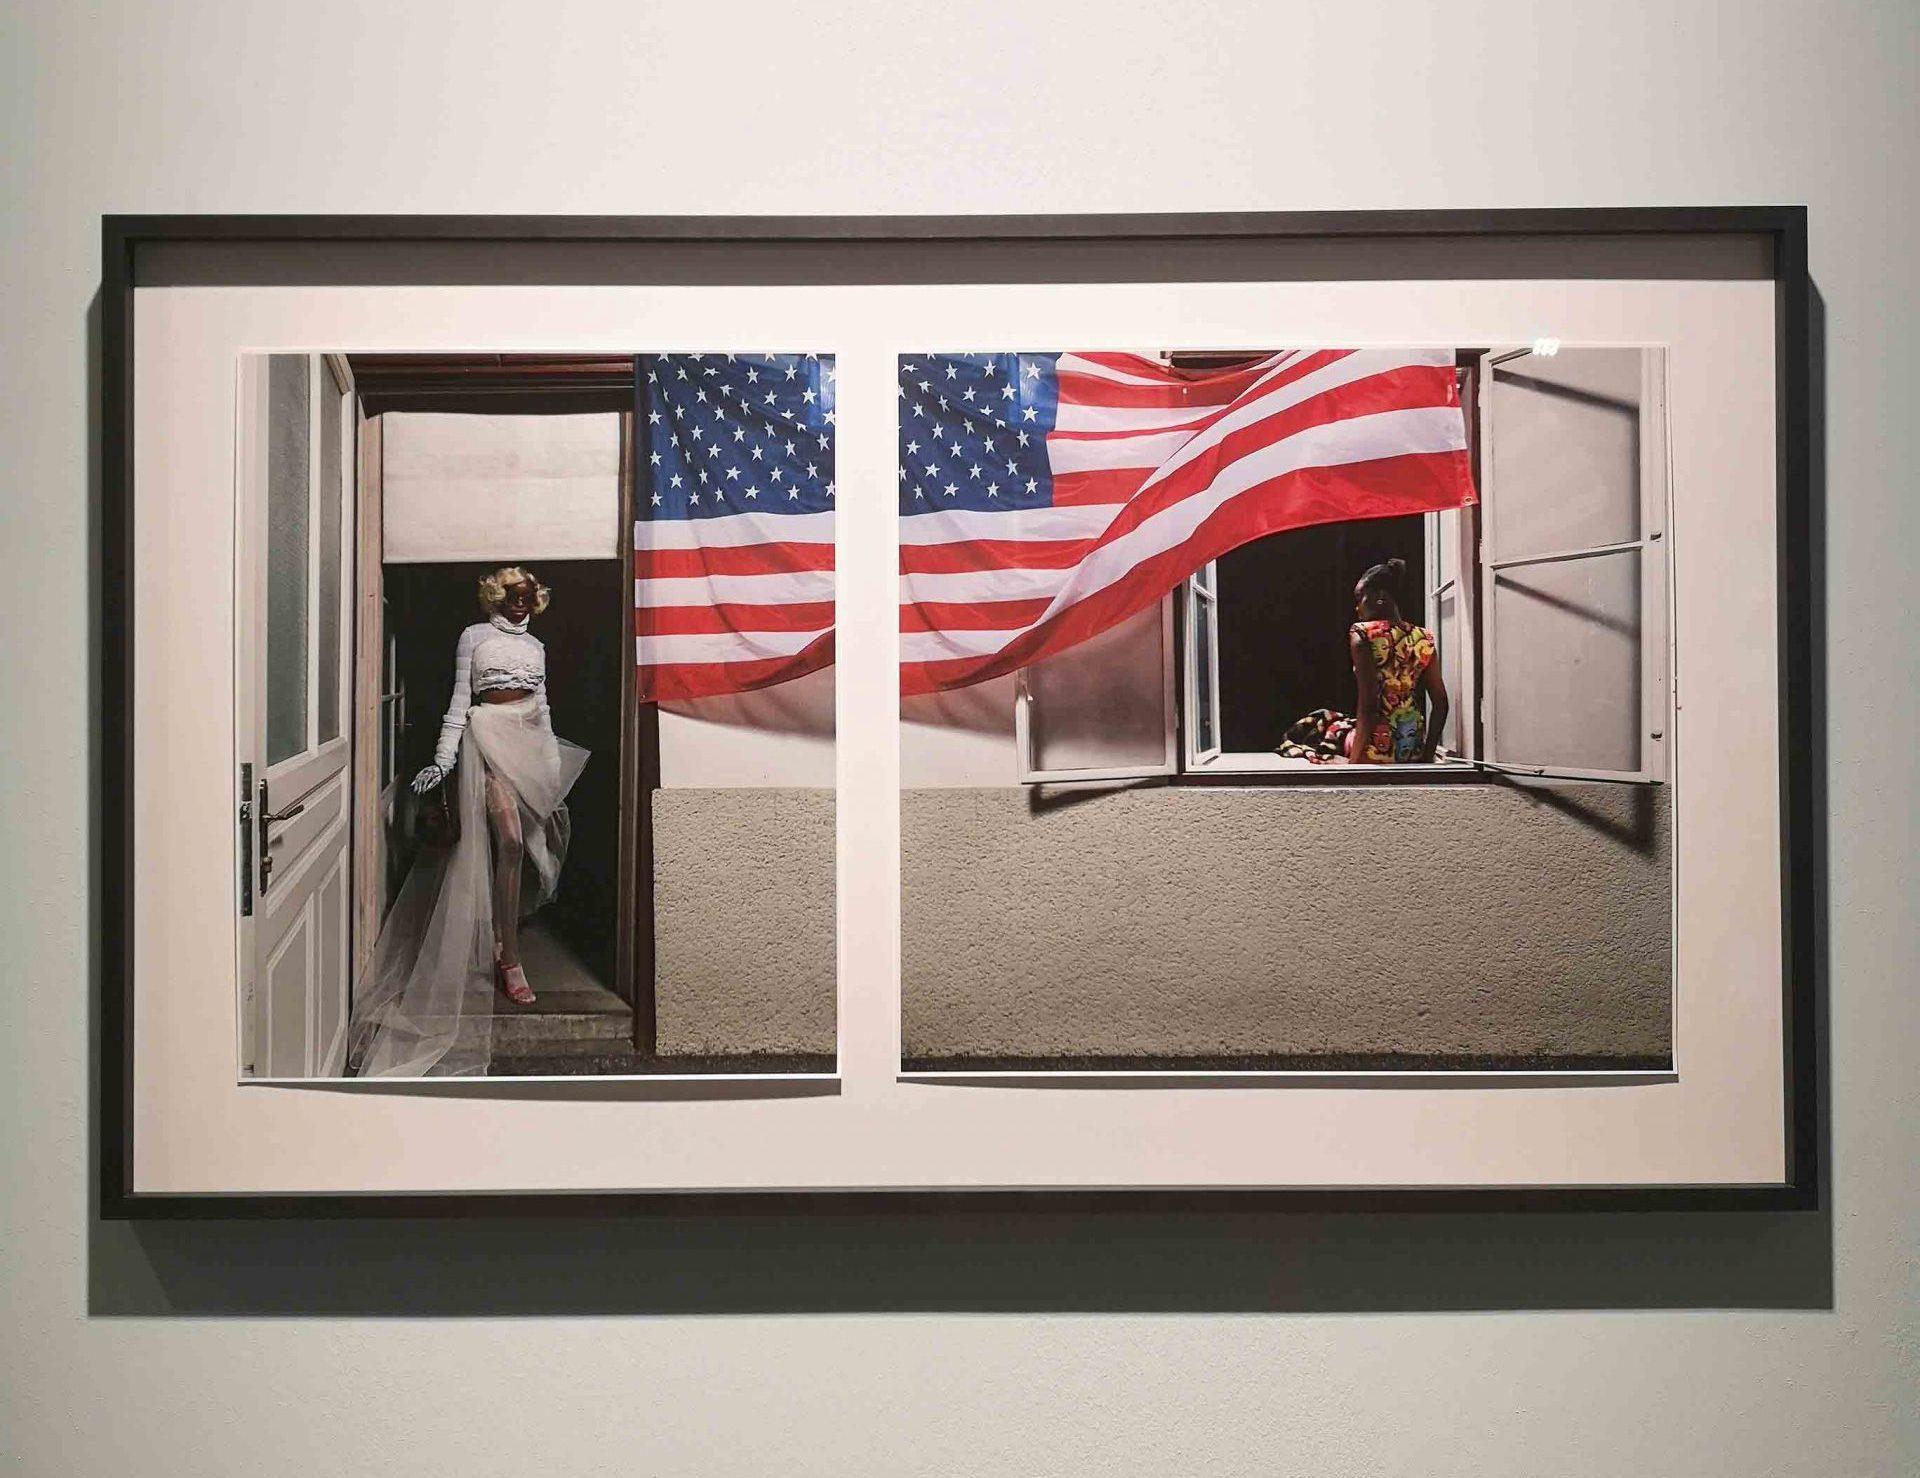 Fotografie in der Ausstellung ELFIE SEMOTAN im KUNST HAUS WIEN